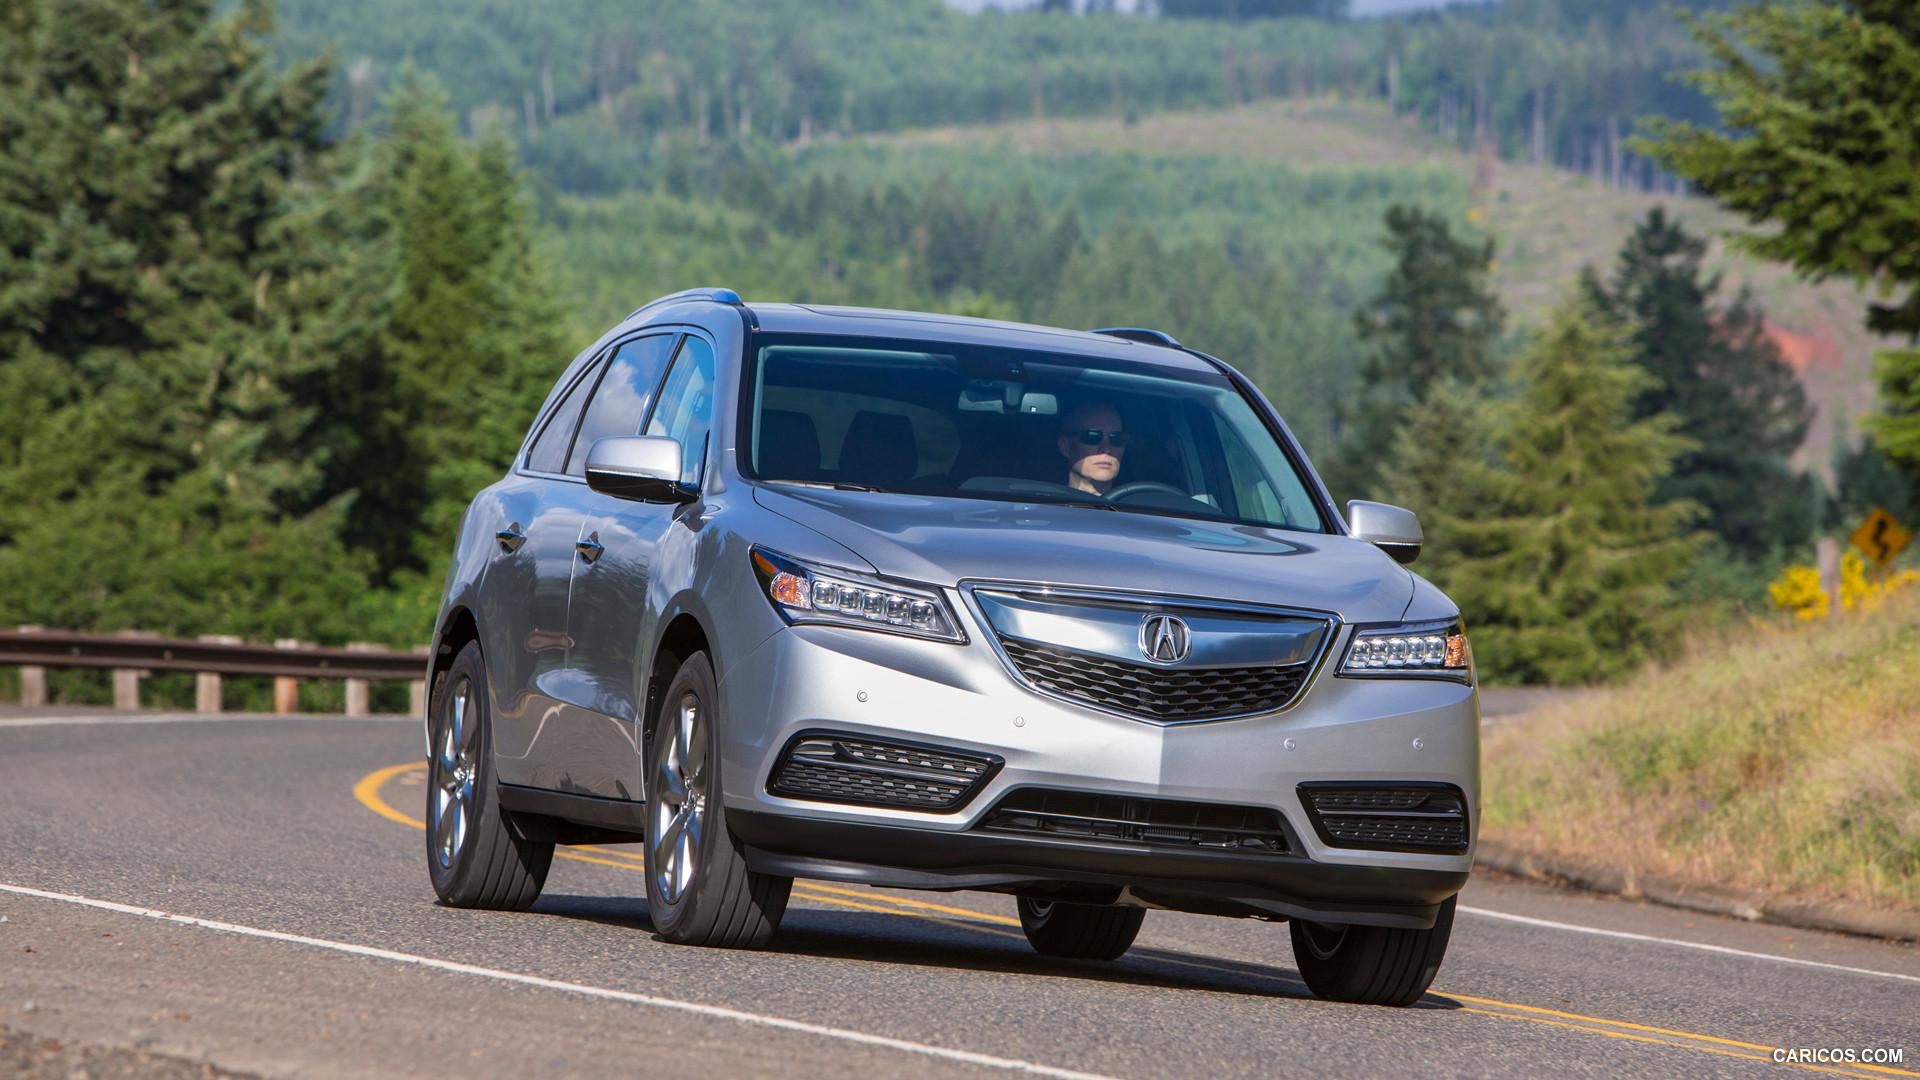 Аcura mdx, технические характеристики, сравнение моделей 2014, 2015 и 2016, отзывы владельцев